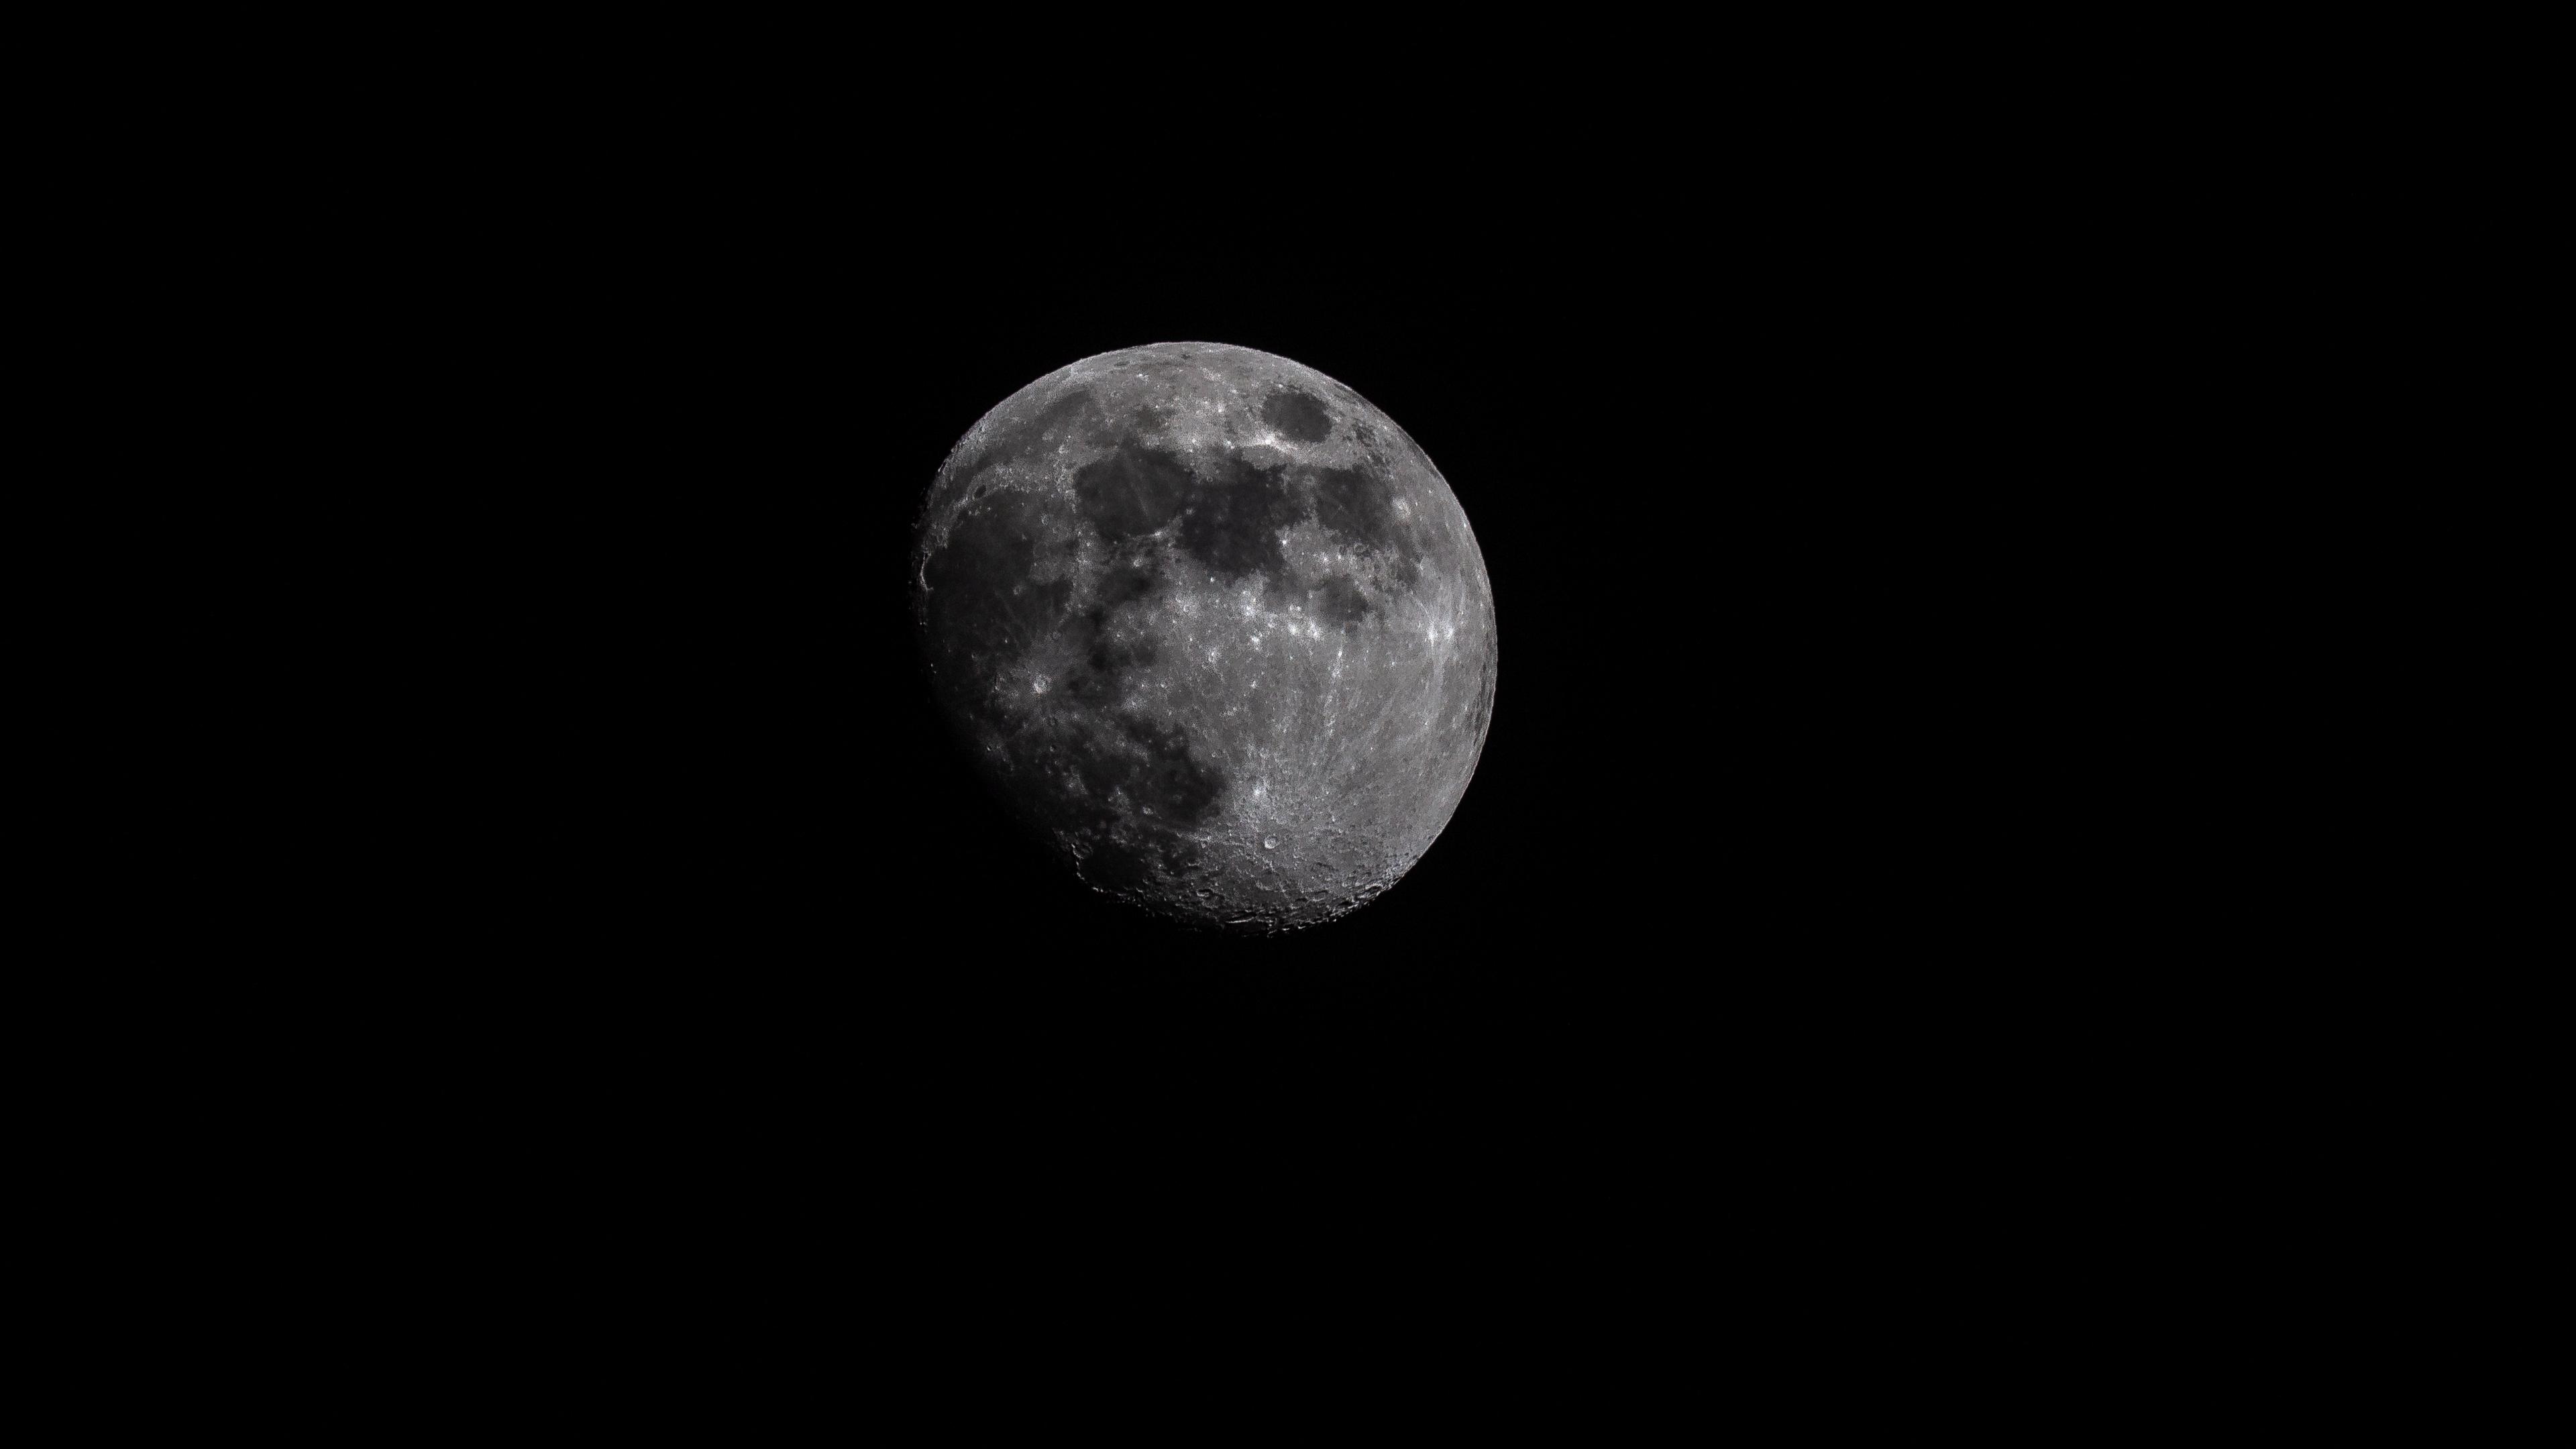 moon planet space dark 4k 1536016153 - moon, planet, space, dark 4k - Space, Planet, Moon